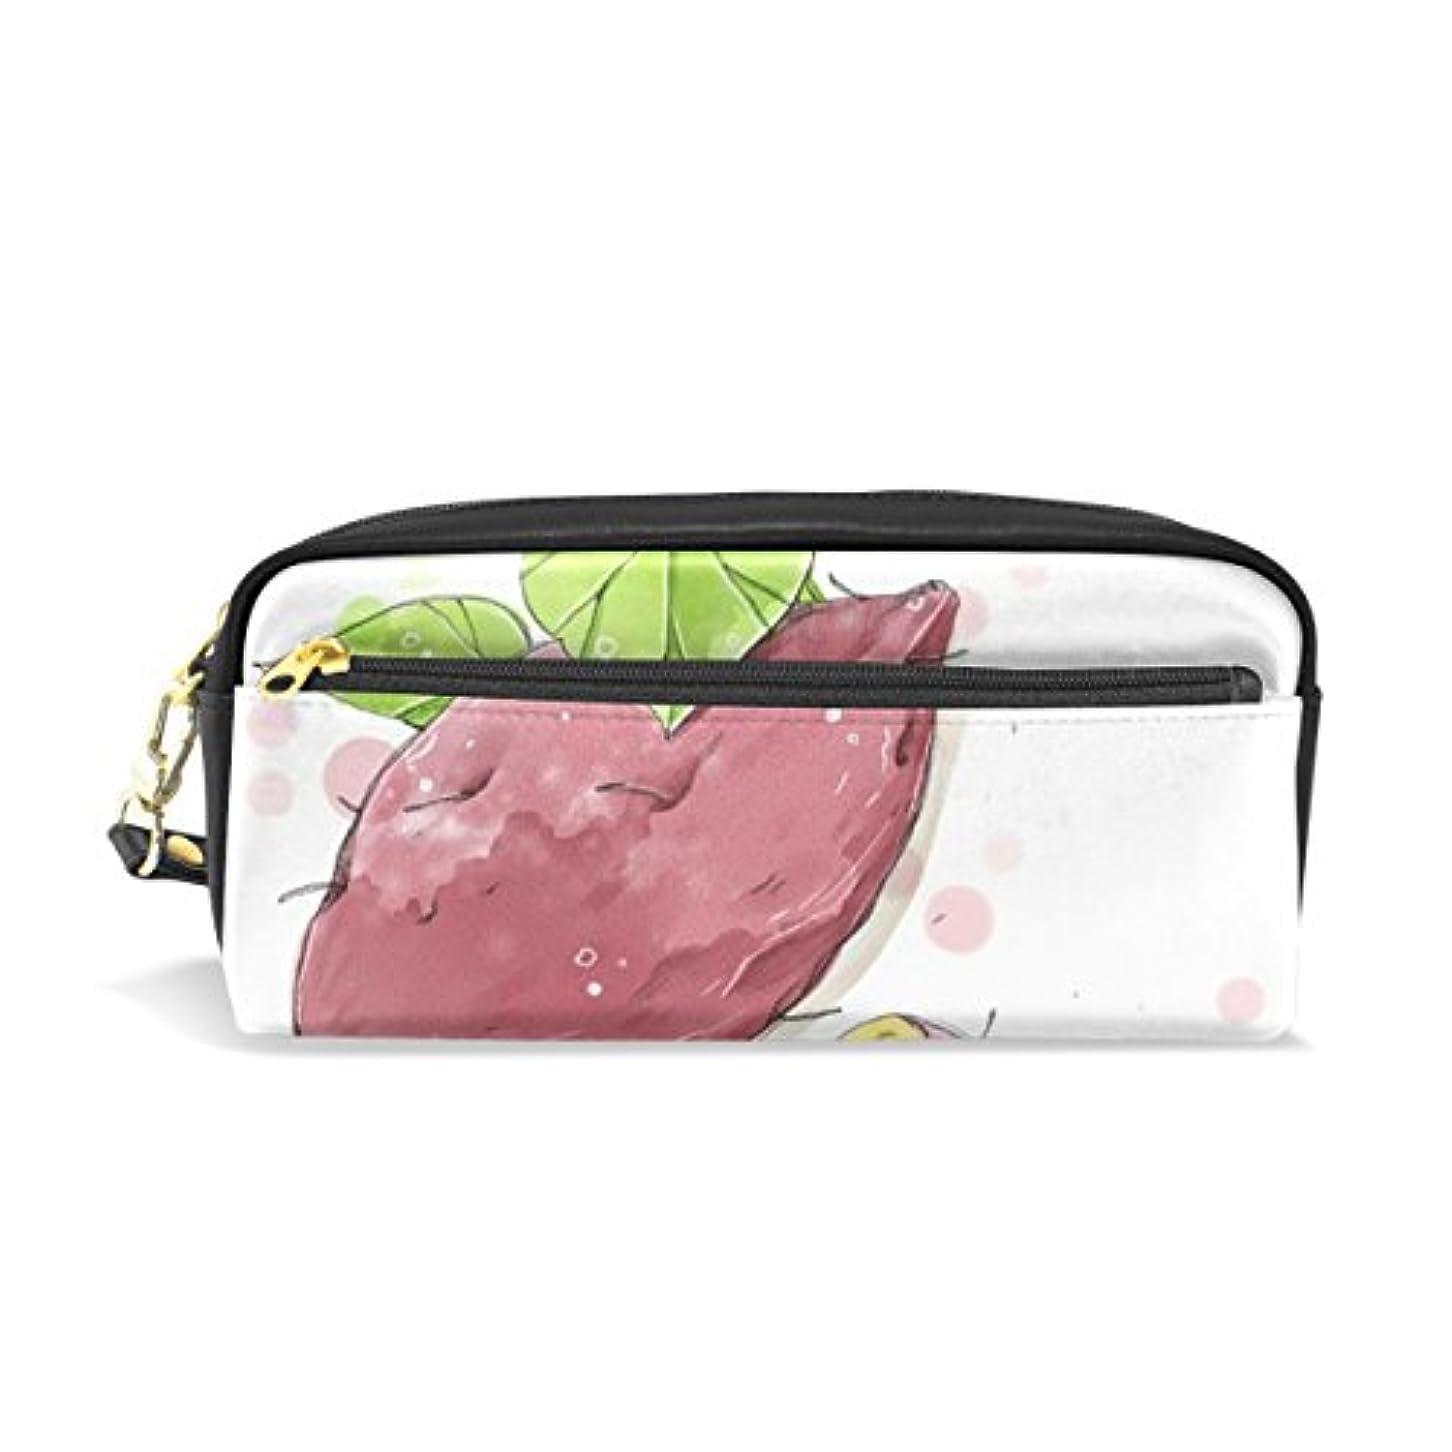 アリーナゾーン北東AOMOKI ペンケース 化粧ポーチ 小物入り 多機能バッグ レディース サツマイモ ブラック